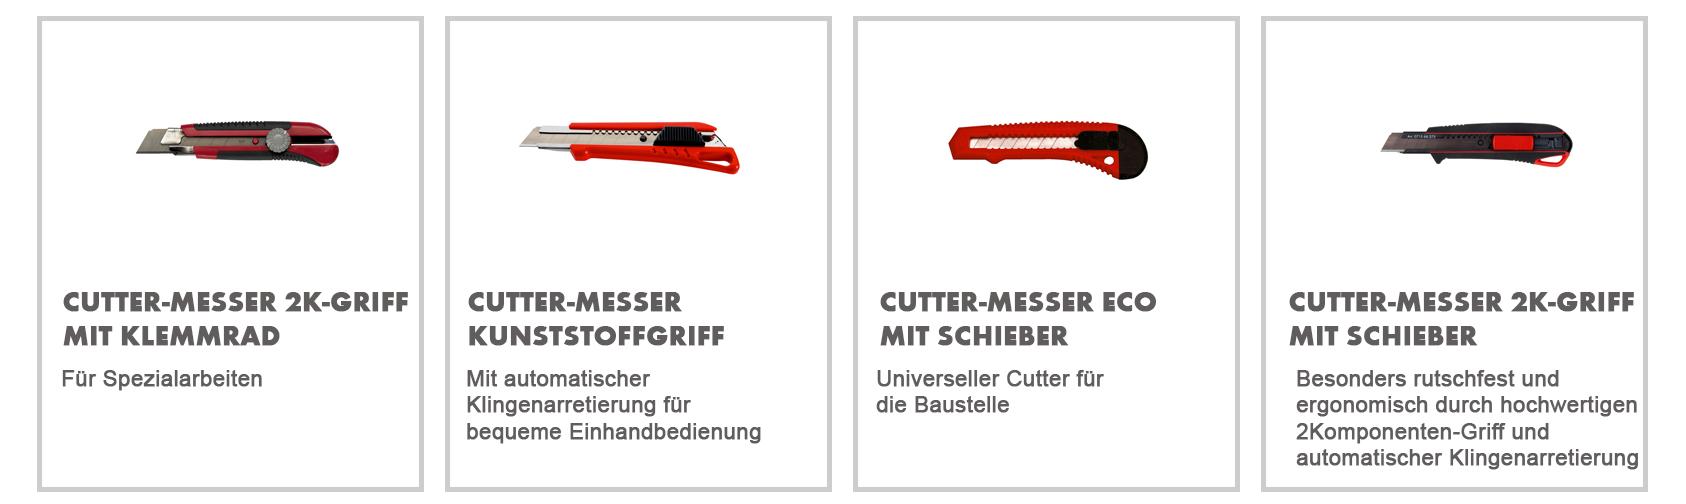 Würth Cuttermesser